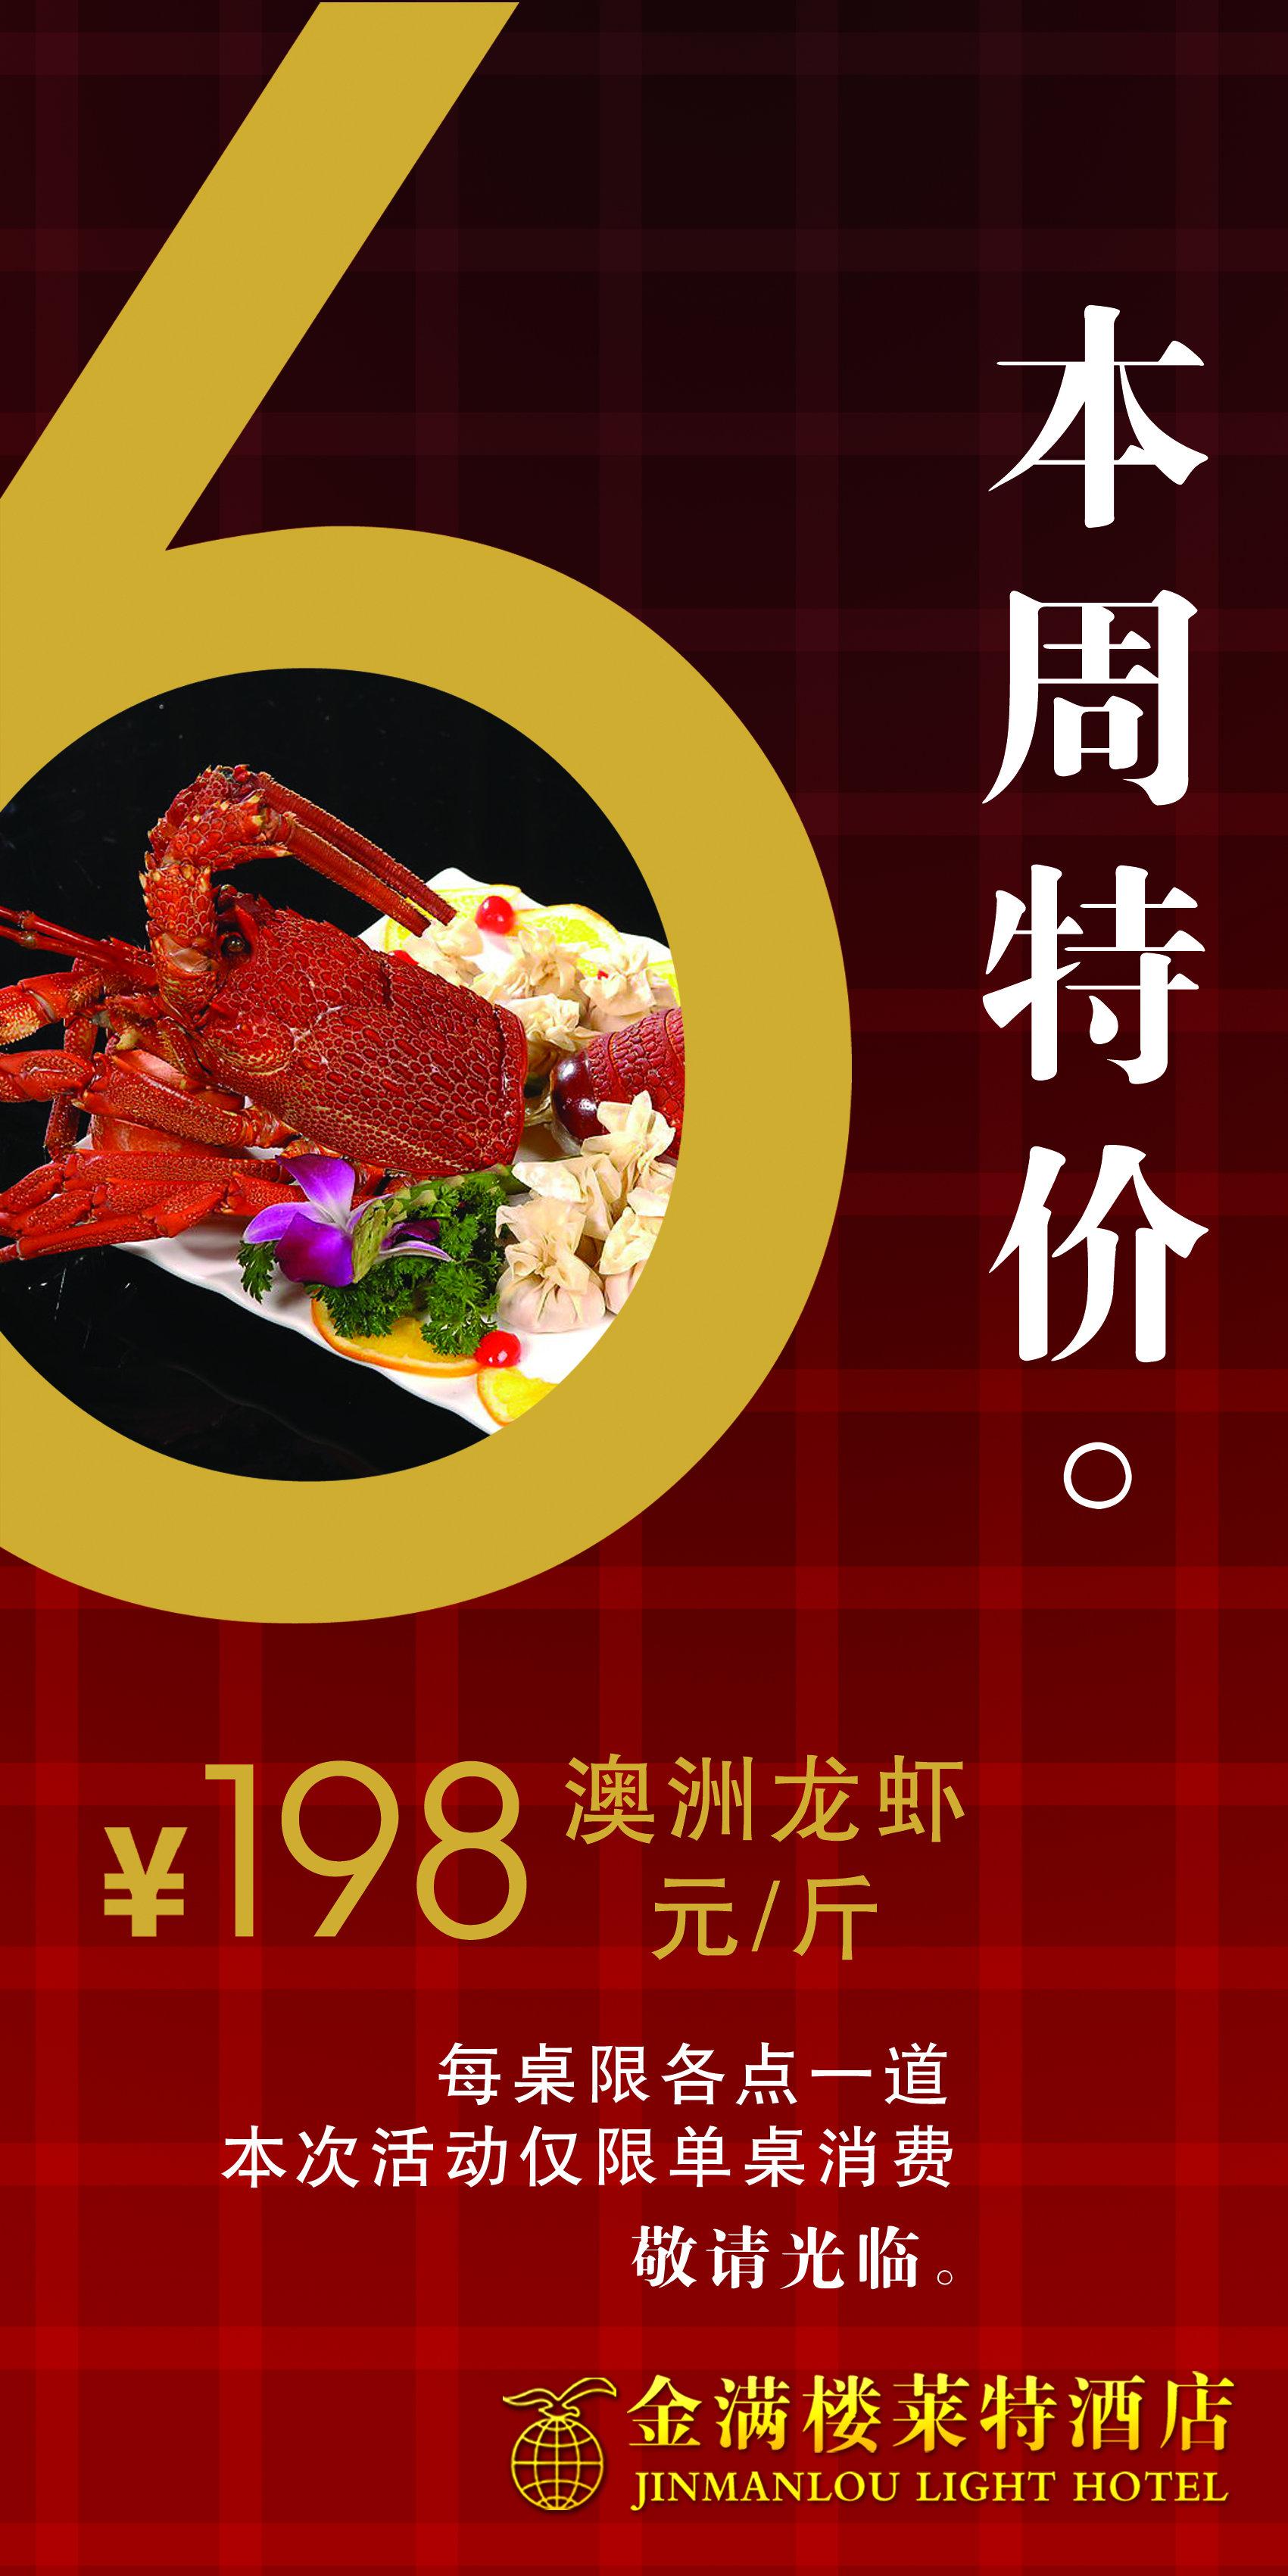 美味的海鲜大龙虾图片酒楼每月特价广告psd模板免费下载